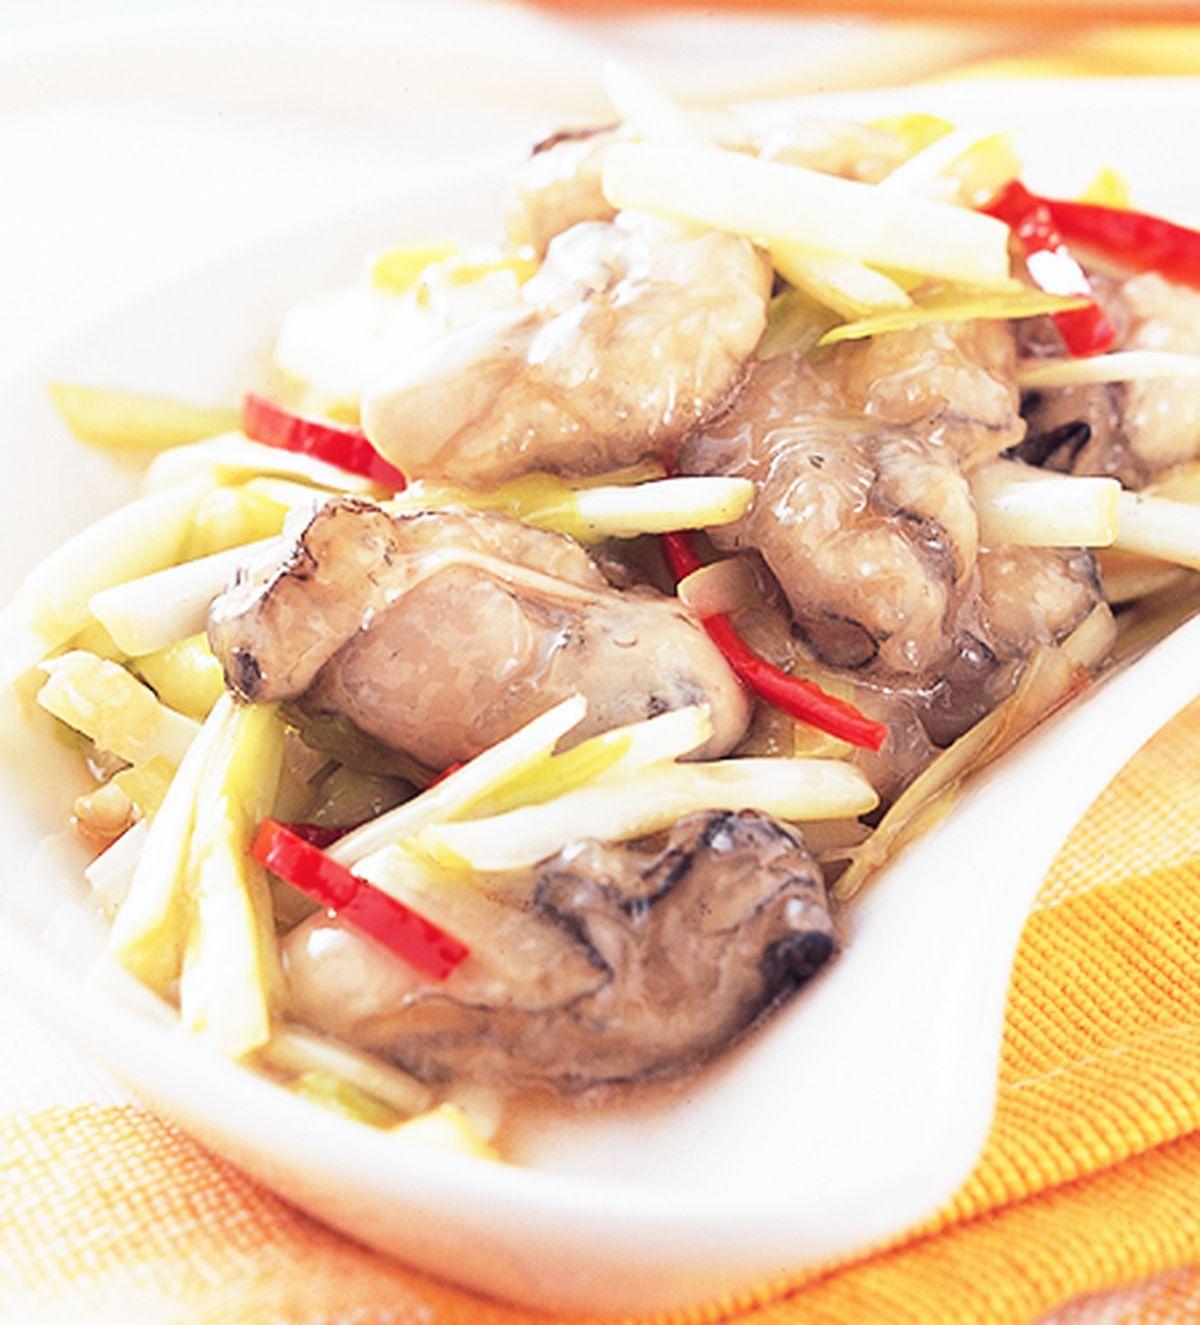 食譜:韭黃炒鮮蚵